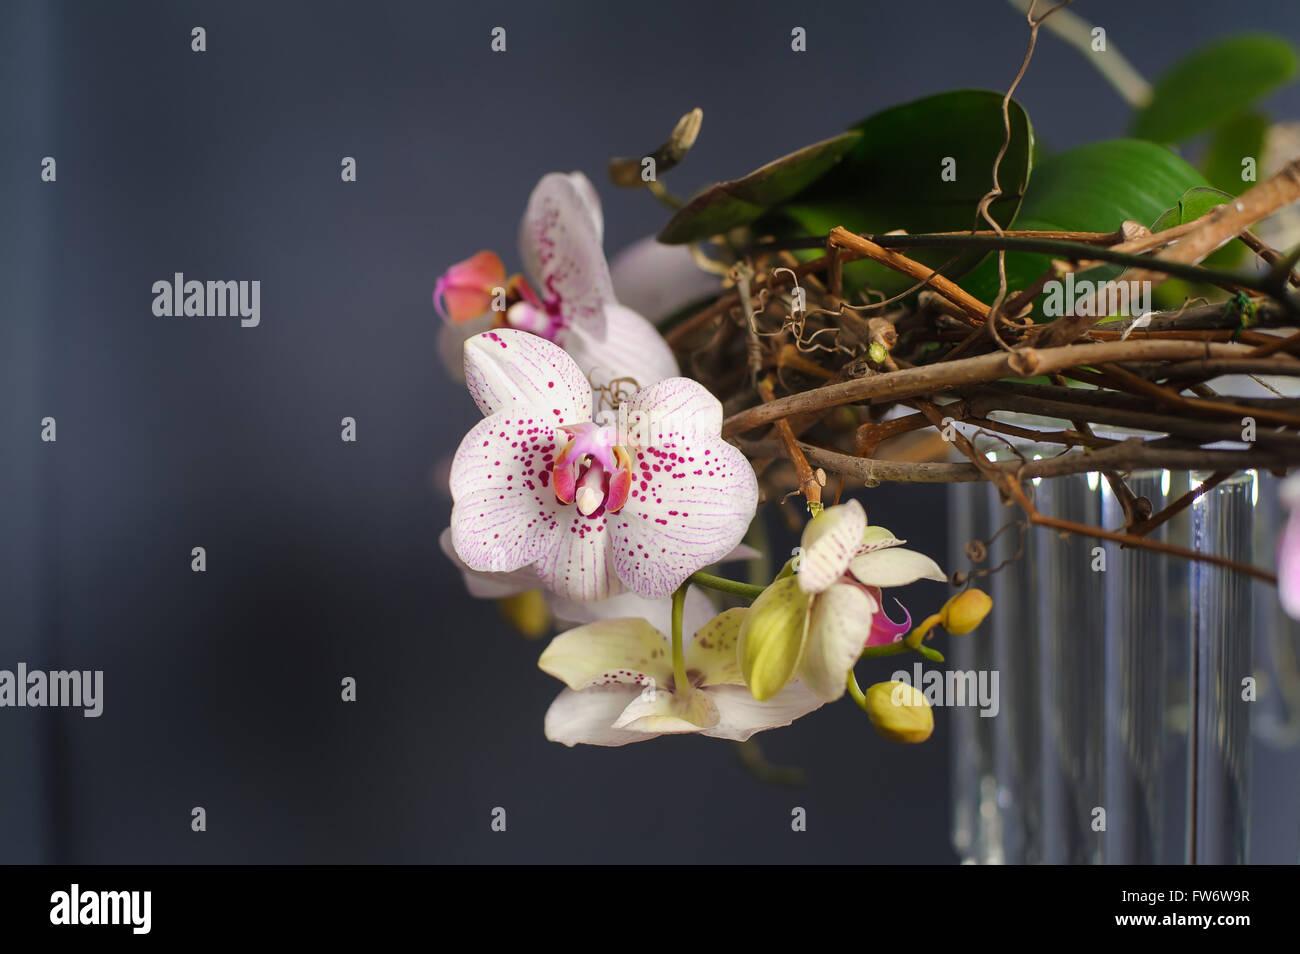 Part Of Festive Decor Close Up Festive Decorations